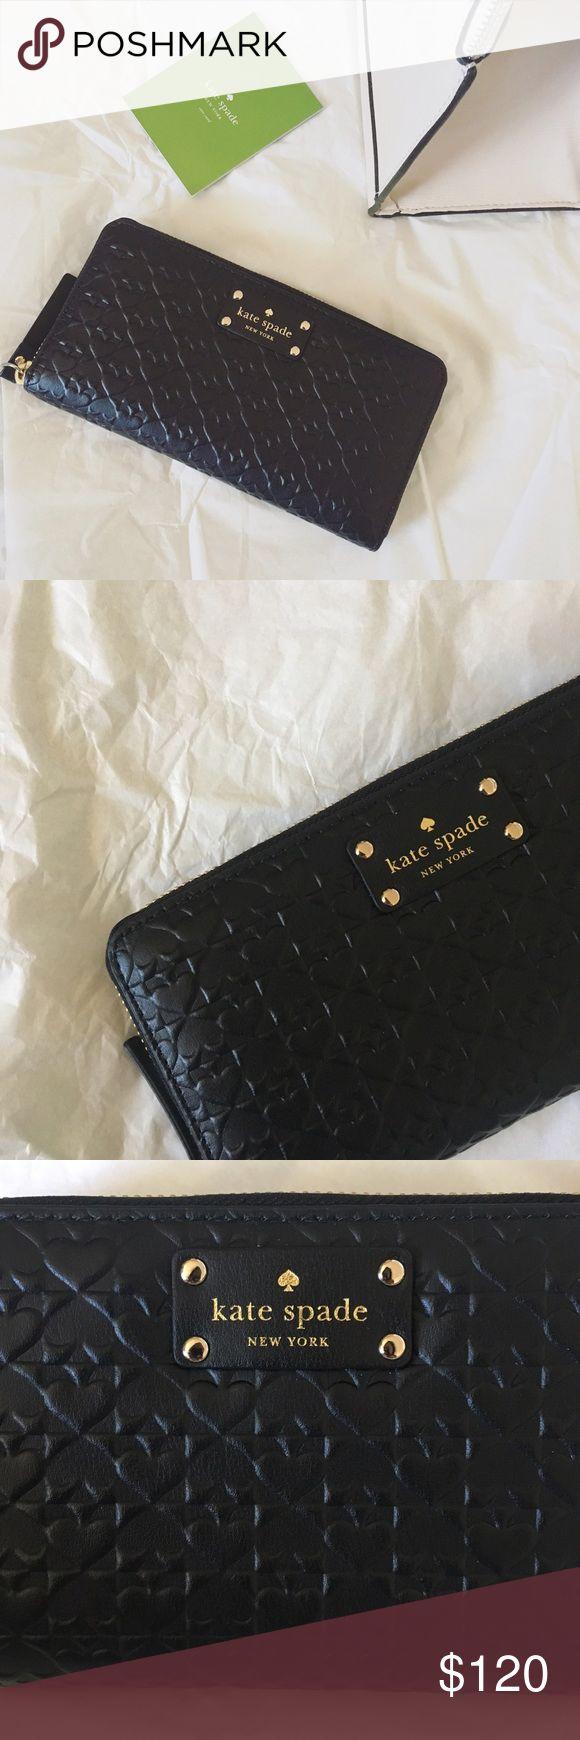 Kate spade zip up wallet Black spade patterned zip up wallet. Gold details and zipper. Kate Spade Neda WLRU2517. BNWT. kate spade Bags Wallets